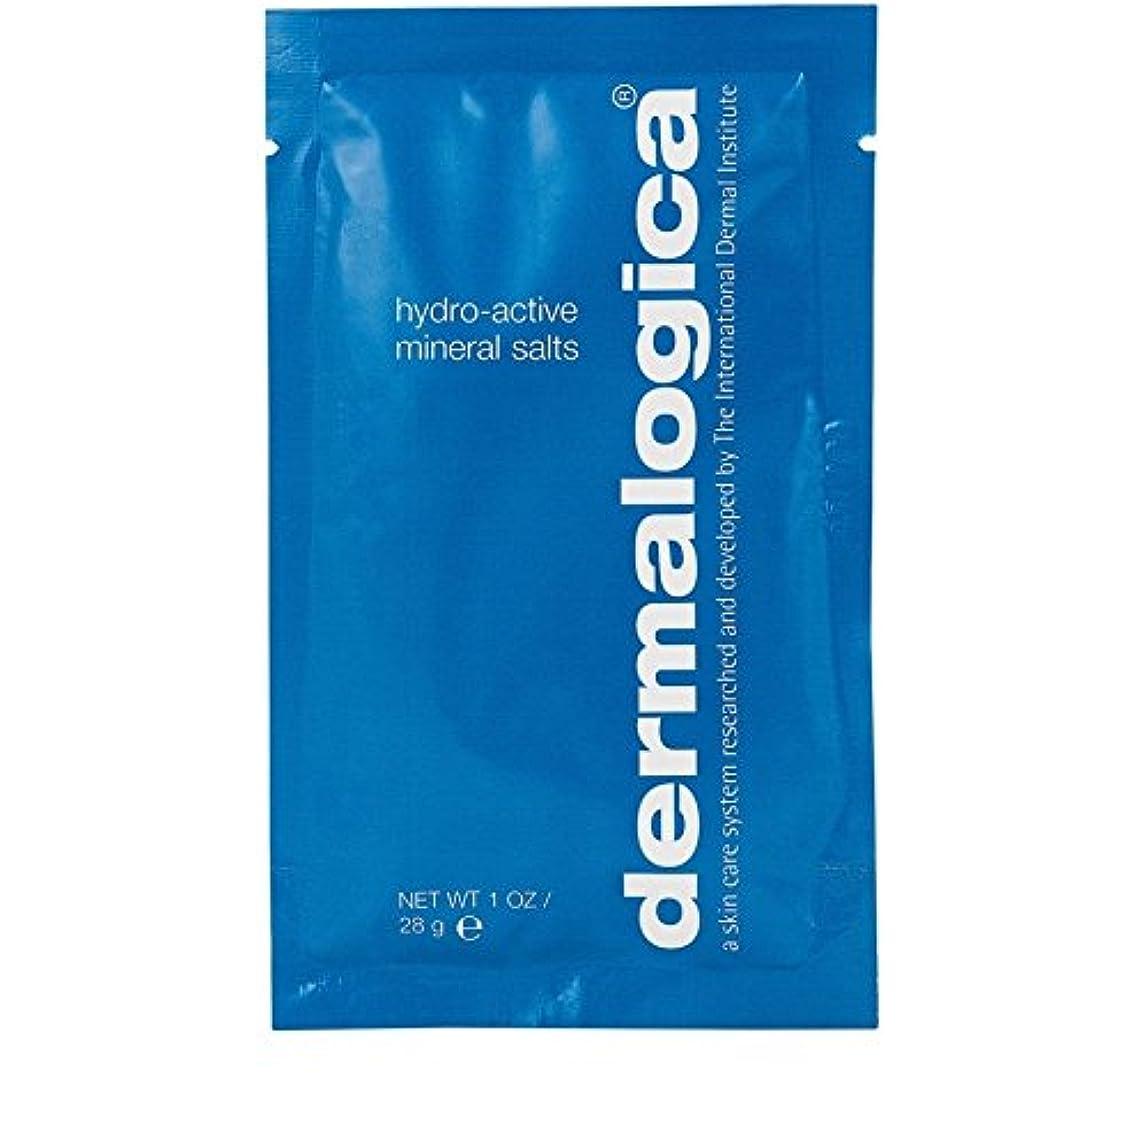 土器時間とともに導出ダーマロジカ水力アクティブミネラル塩28グラム x2 - Dermalogica Hydro Active Mineral Salt 28g (Pack of 2) [並行輸入品]